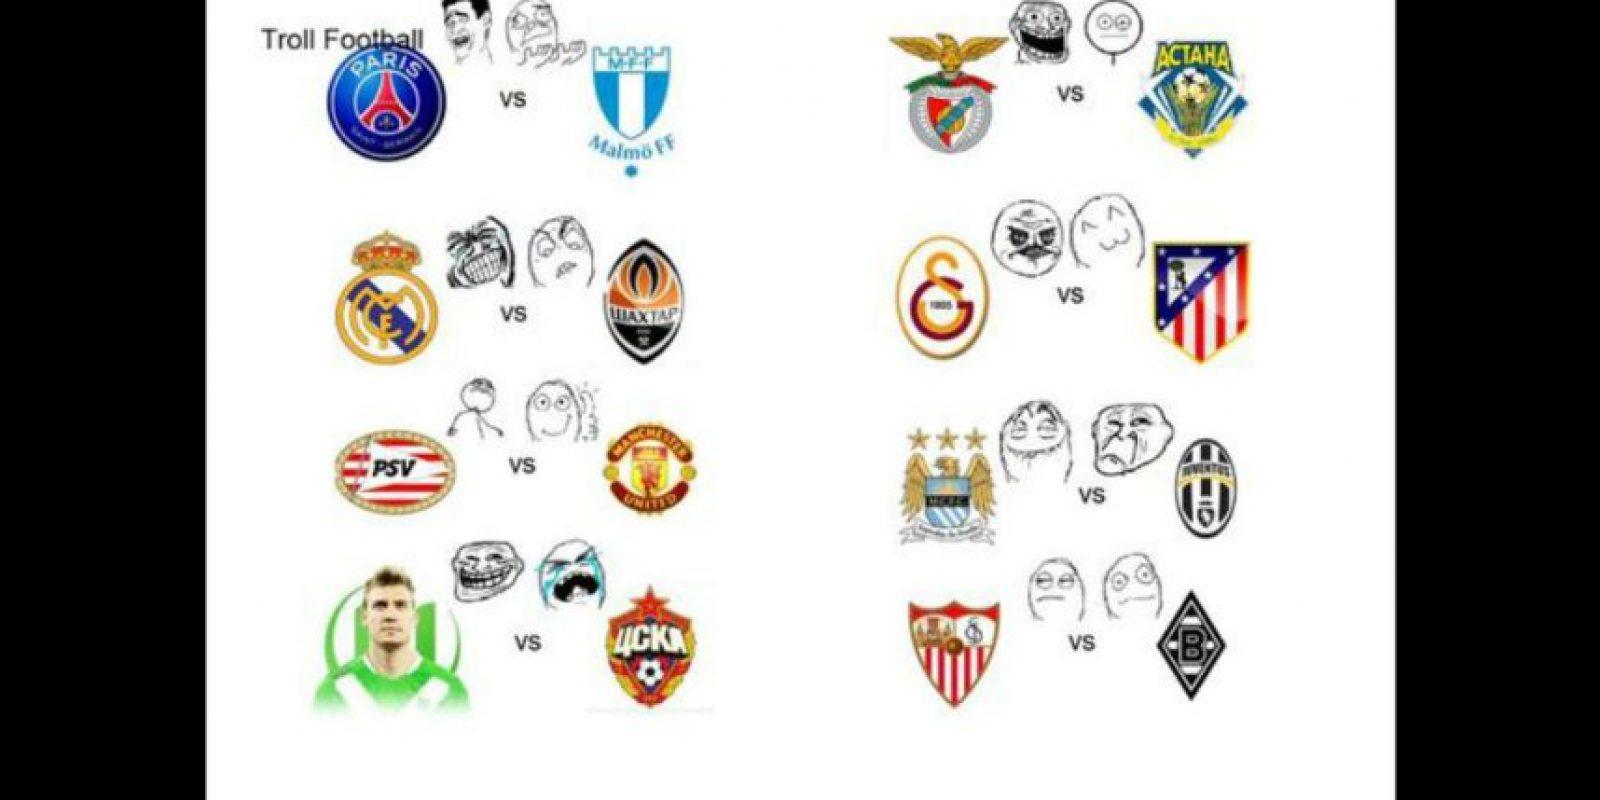 Así veían los equipos sus partidos en la Champions League. Foto:Vía twitter.com/troll__football